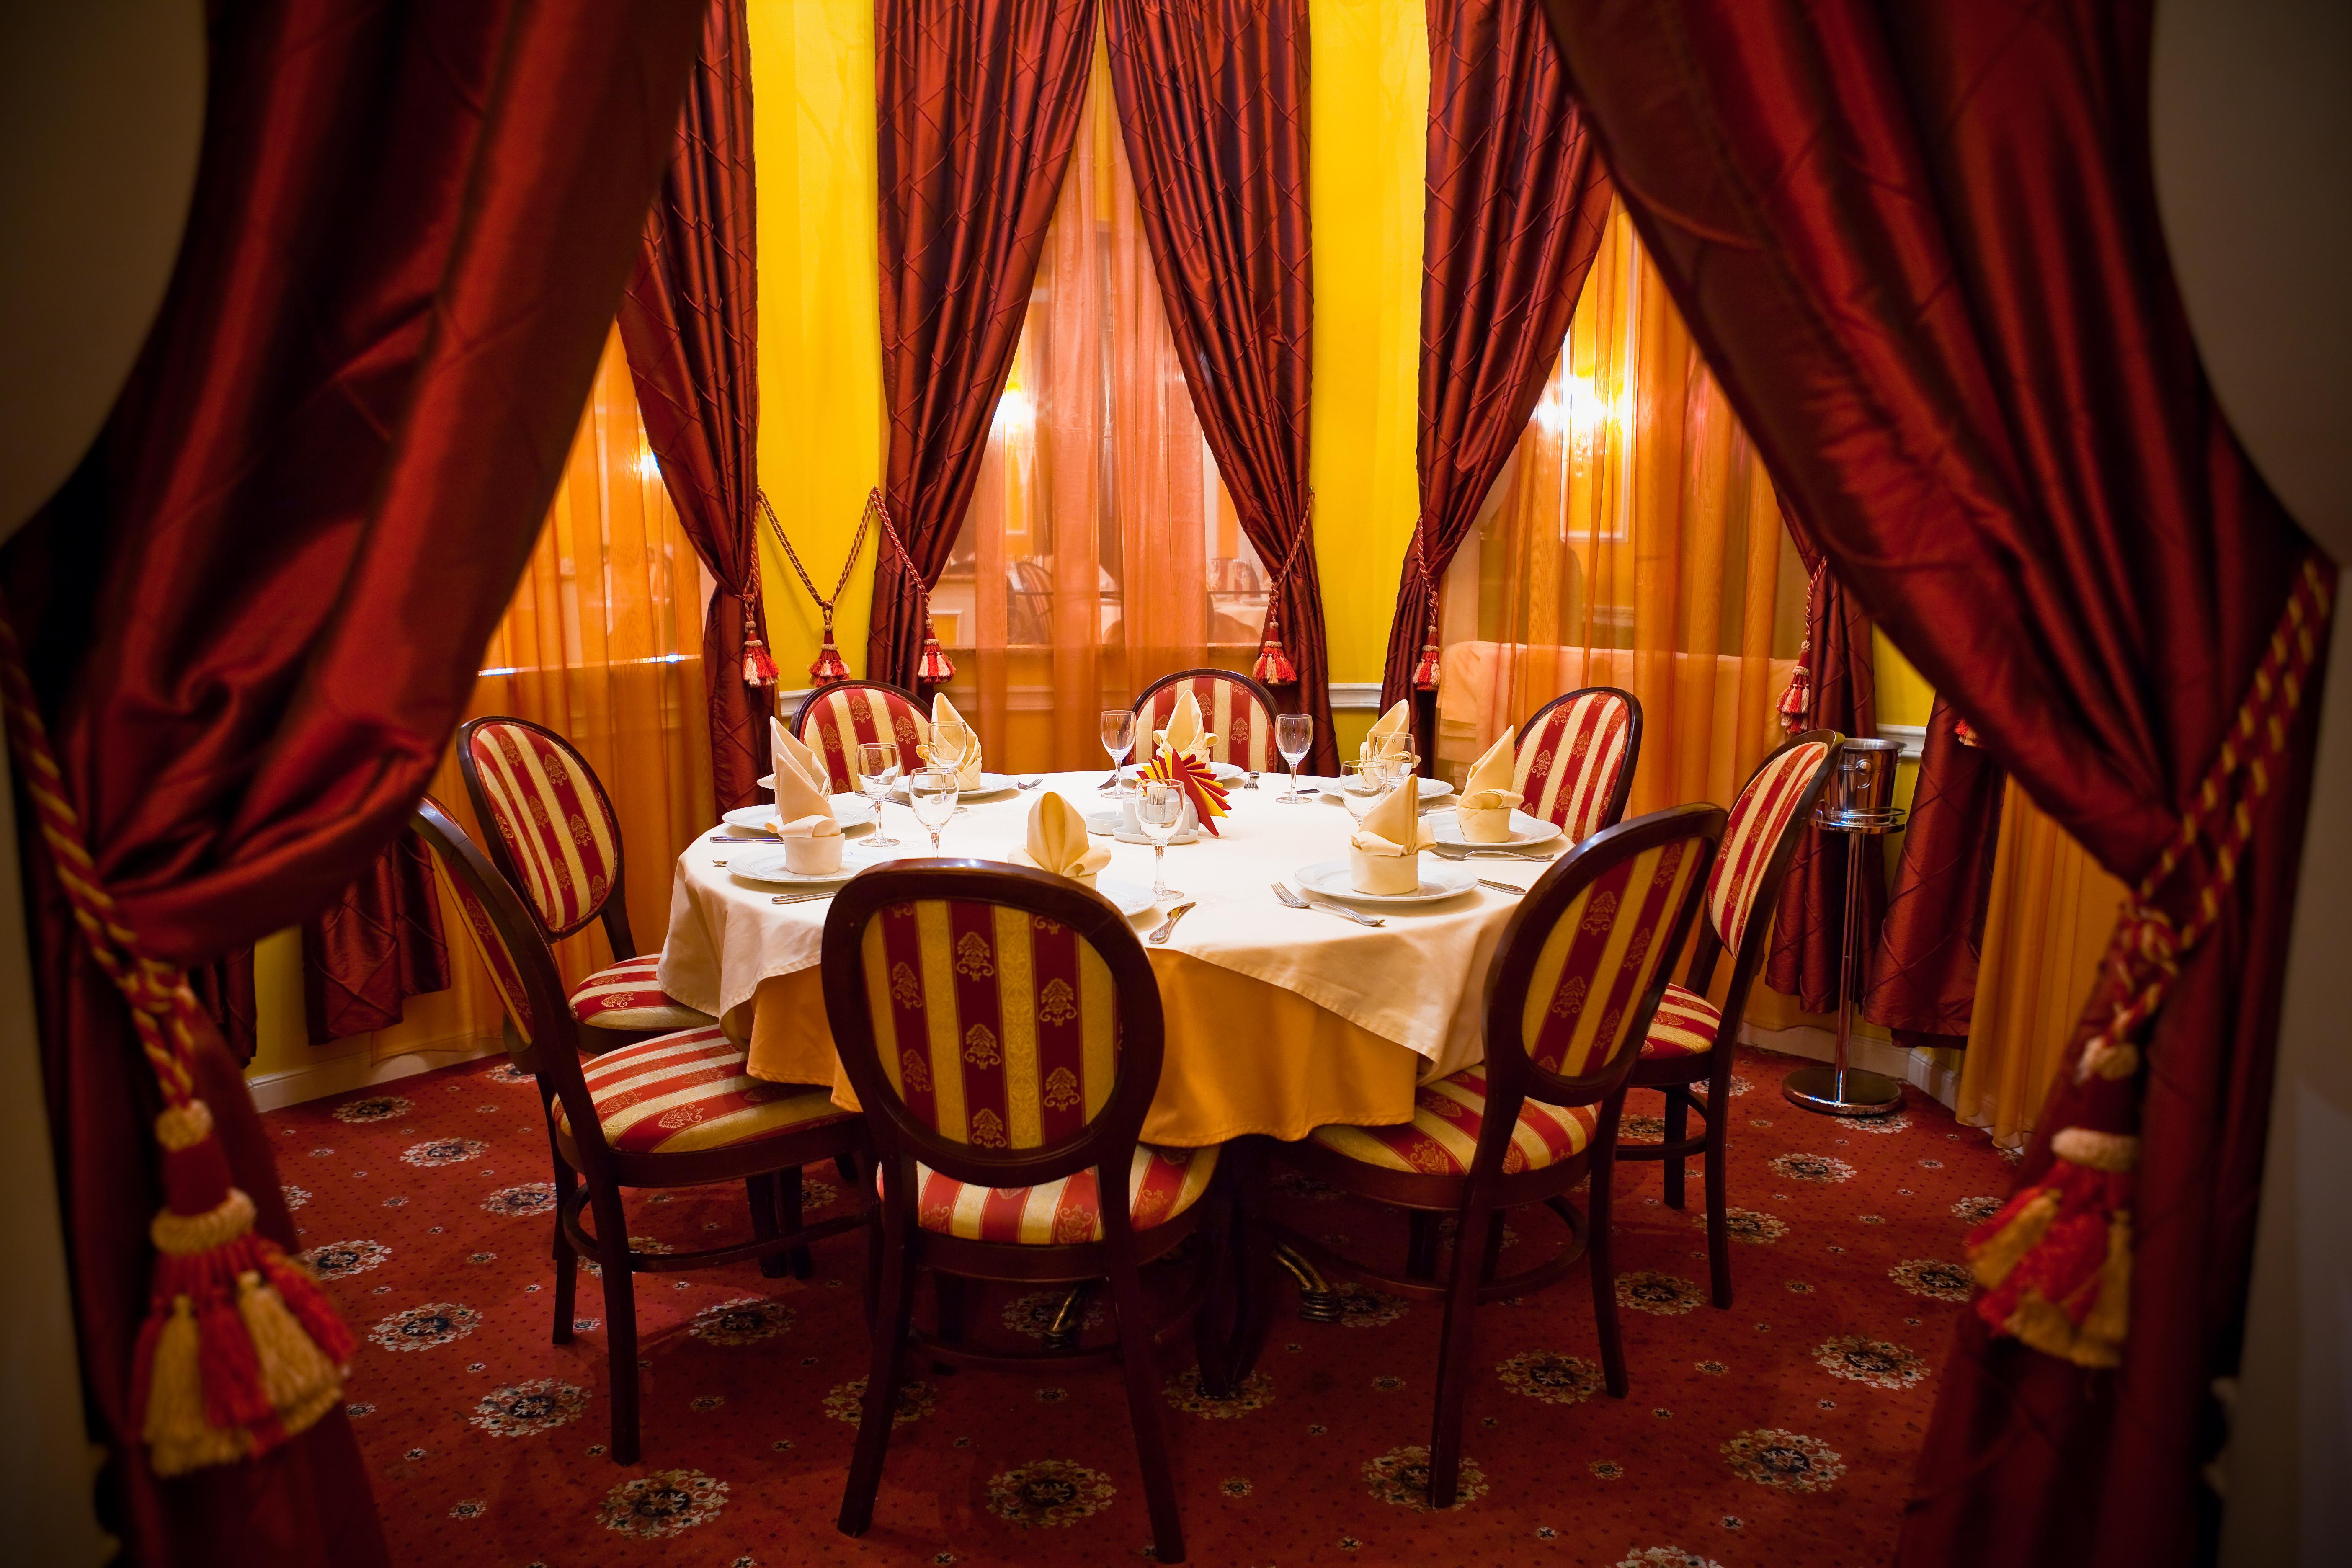 видимыми признаками лучший ресторан липецк фото что немецкий